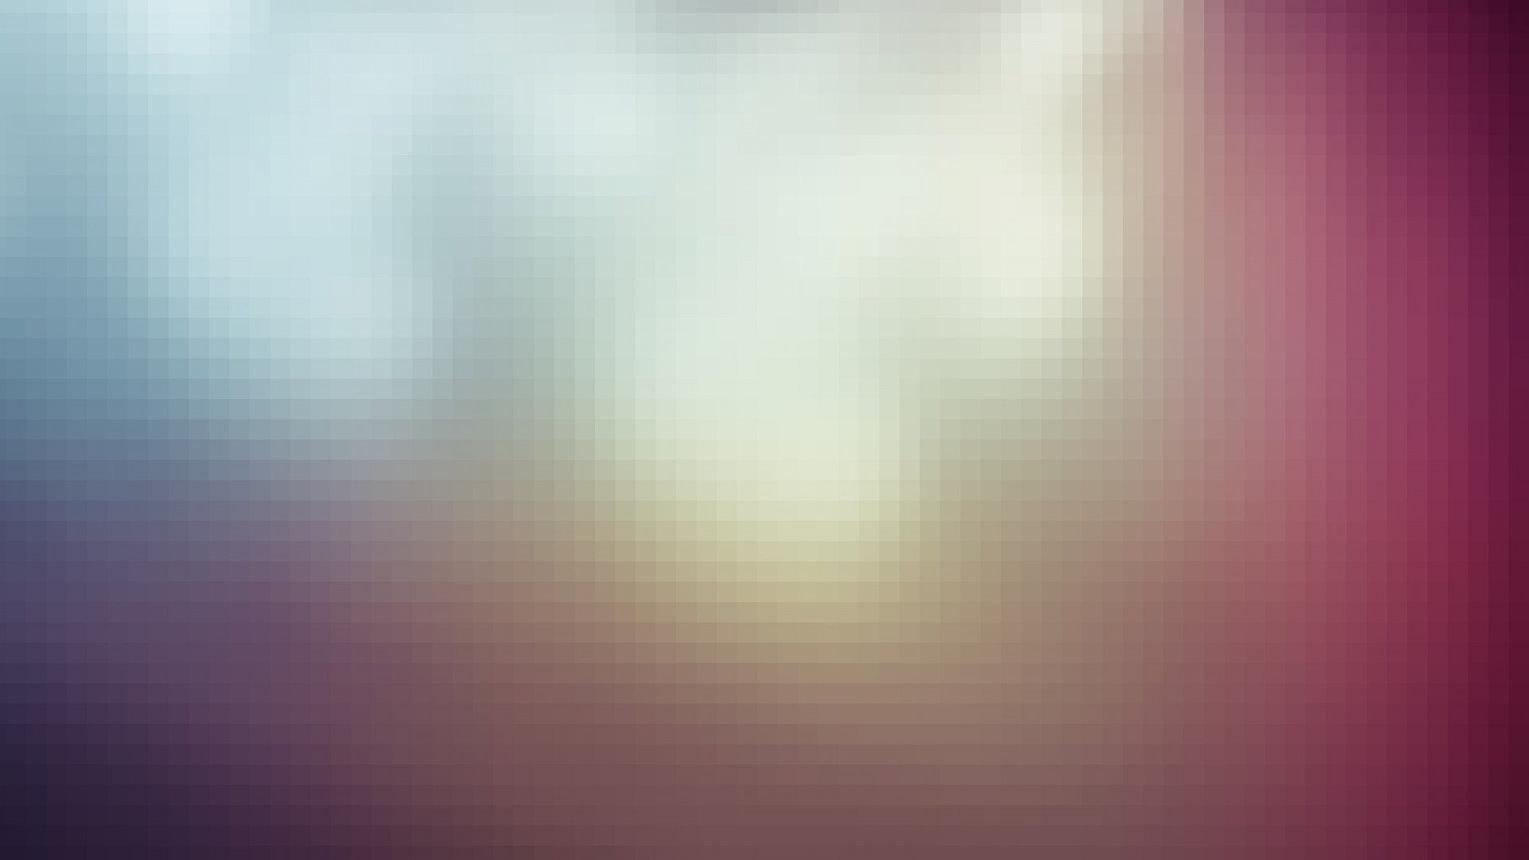 tekstura-abstrakciya-pikseli_edited.jpg